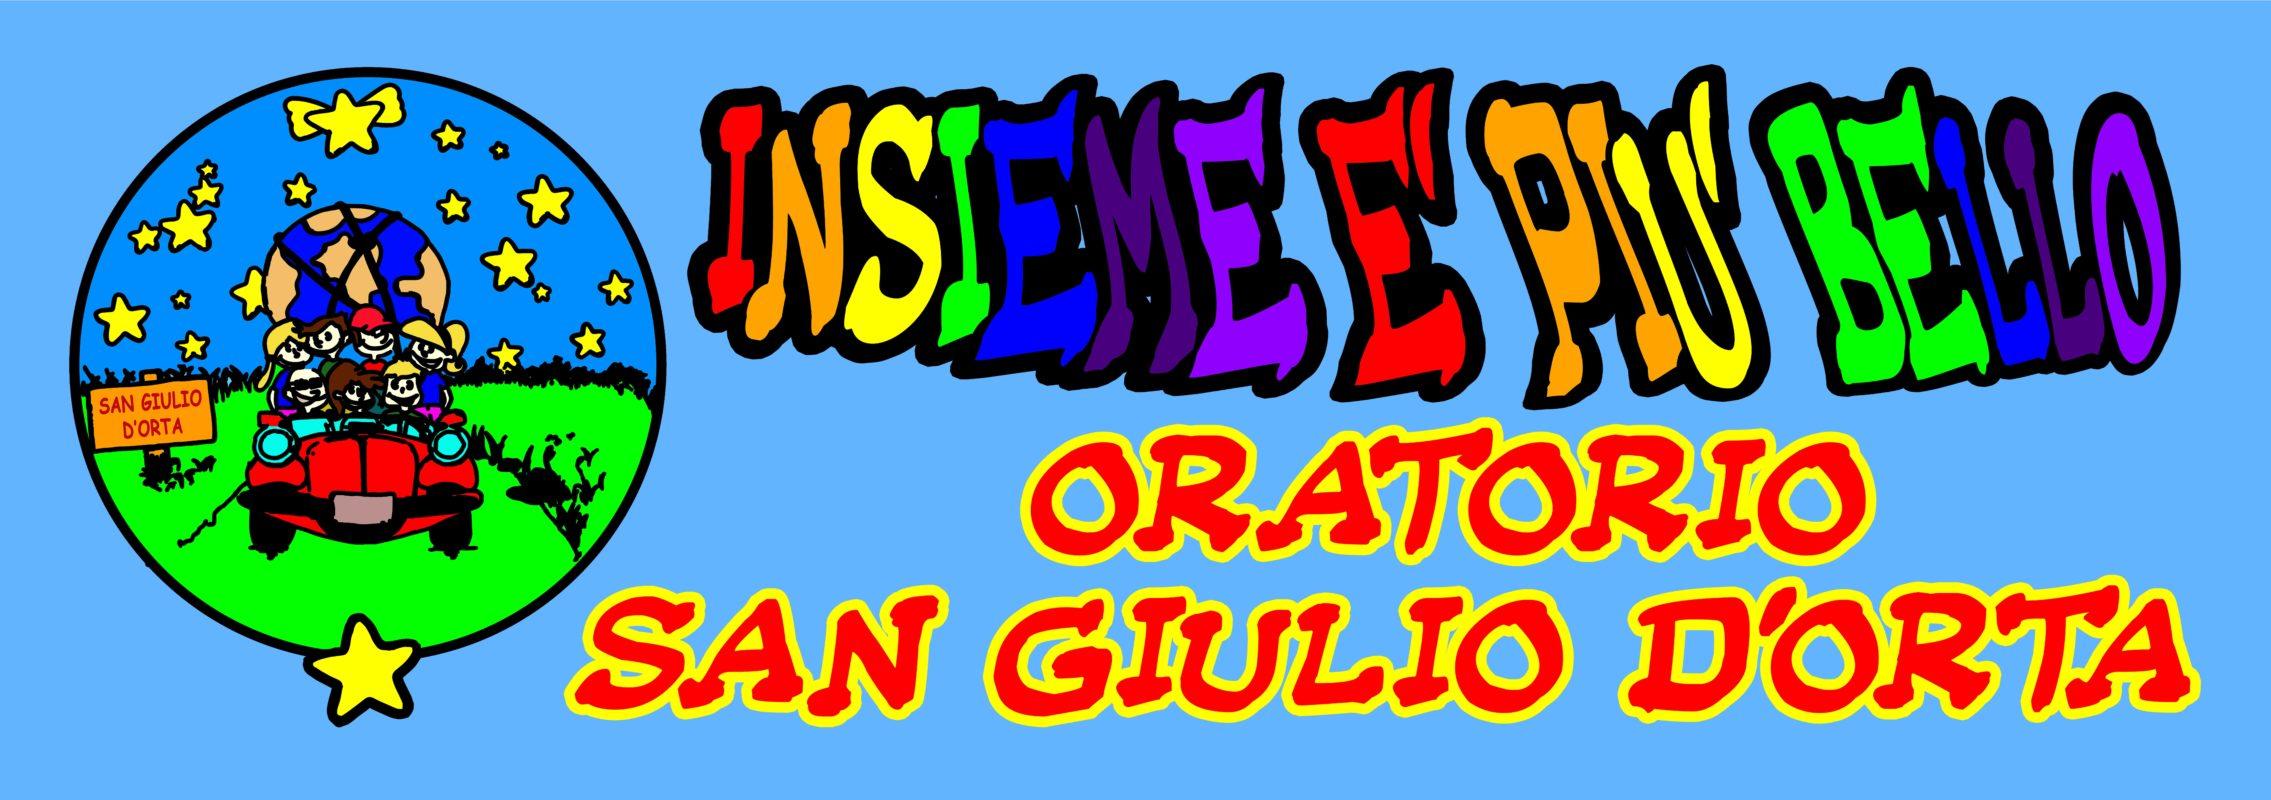 striscione-e1522921034902